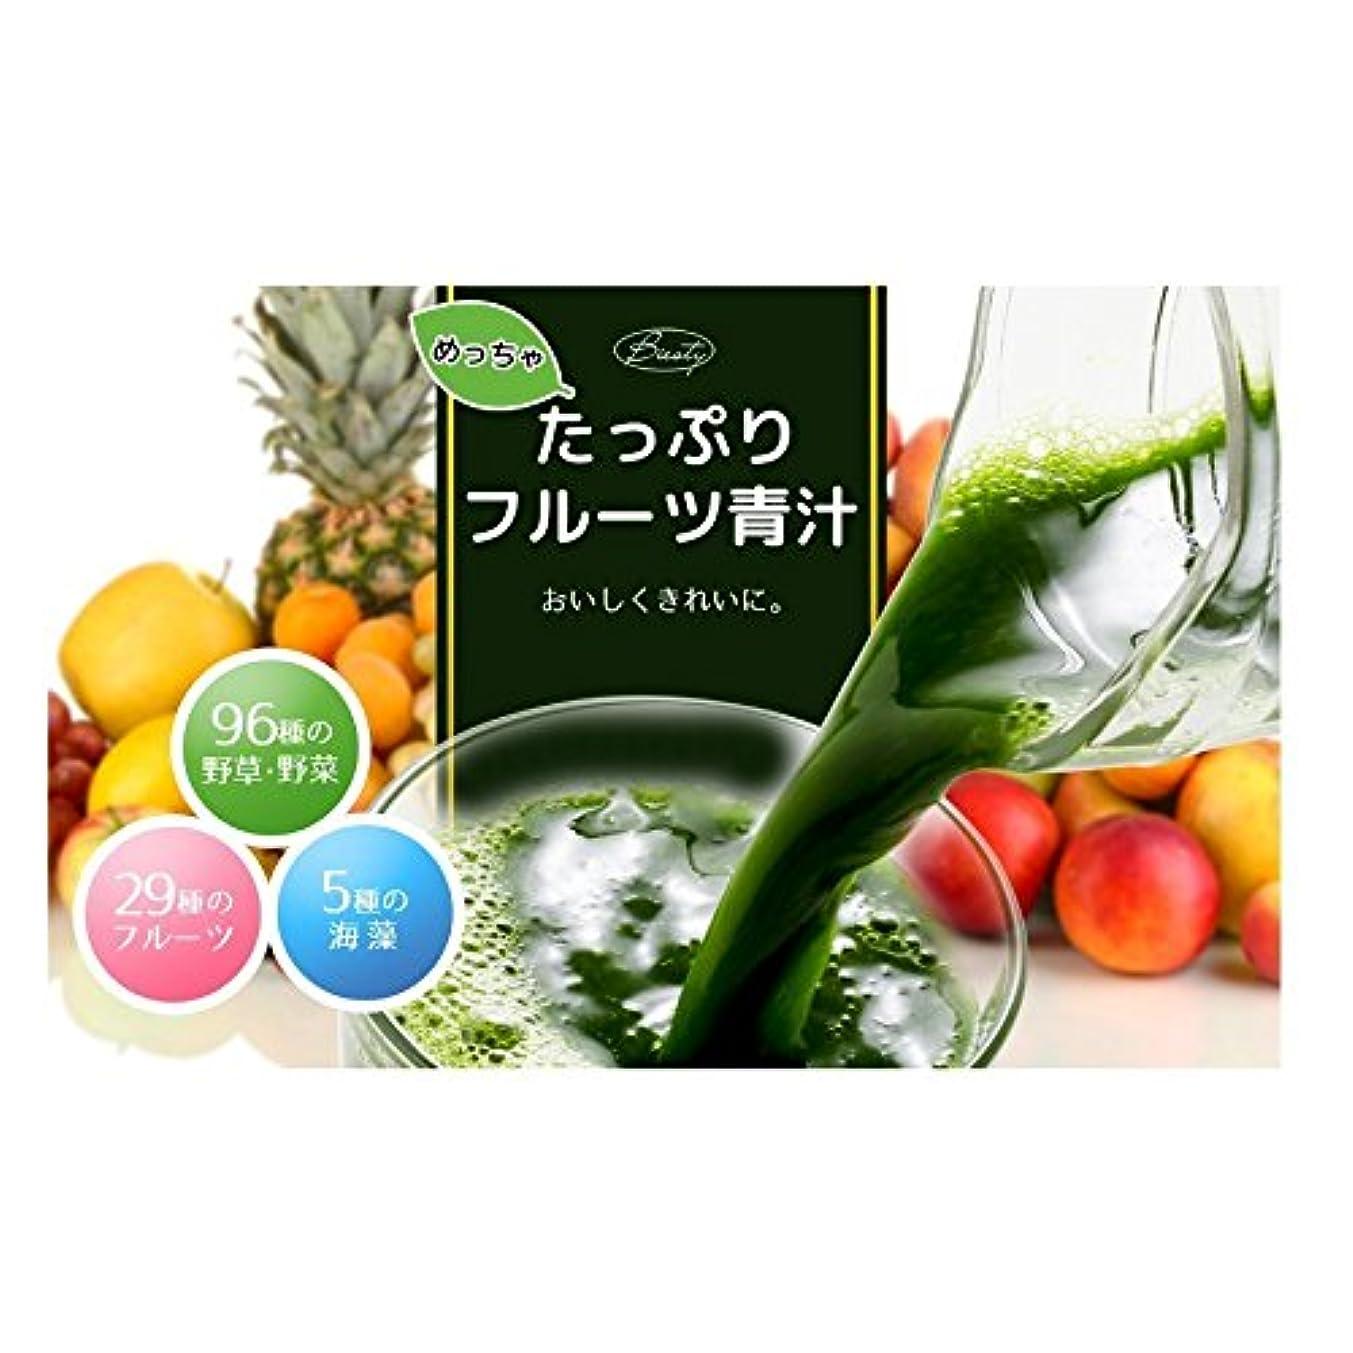 アソシエイト良さ揮発性めっちゃたっぷりフルーツ青汁30包